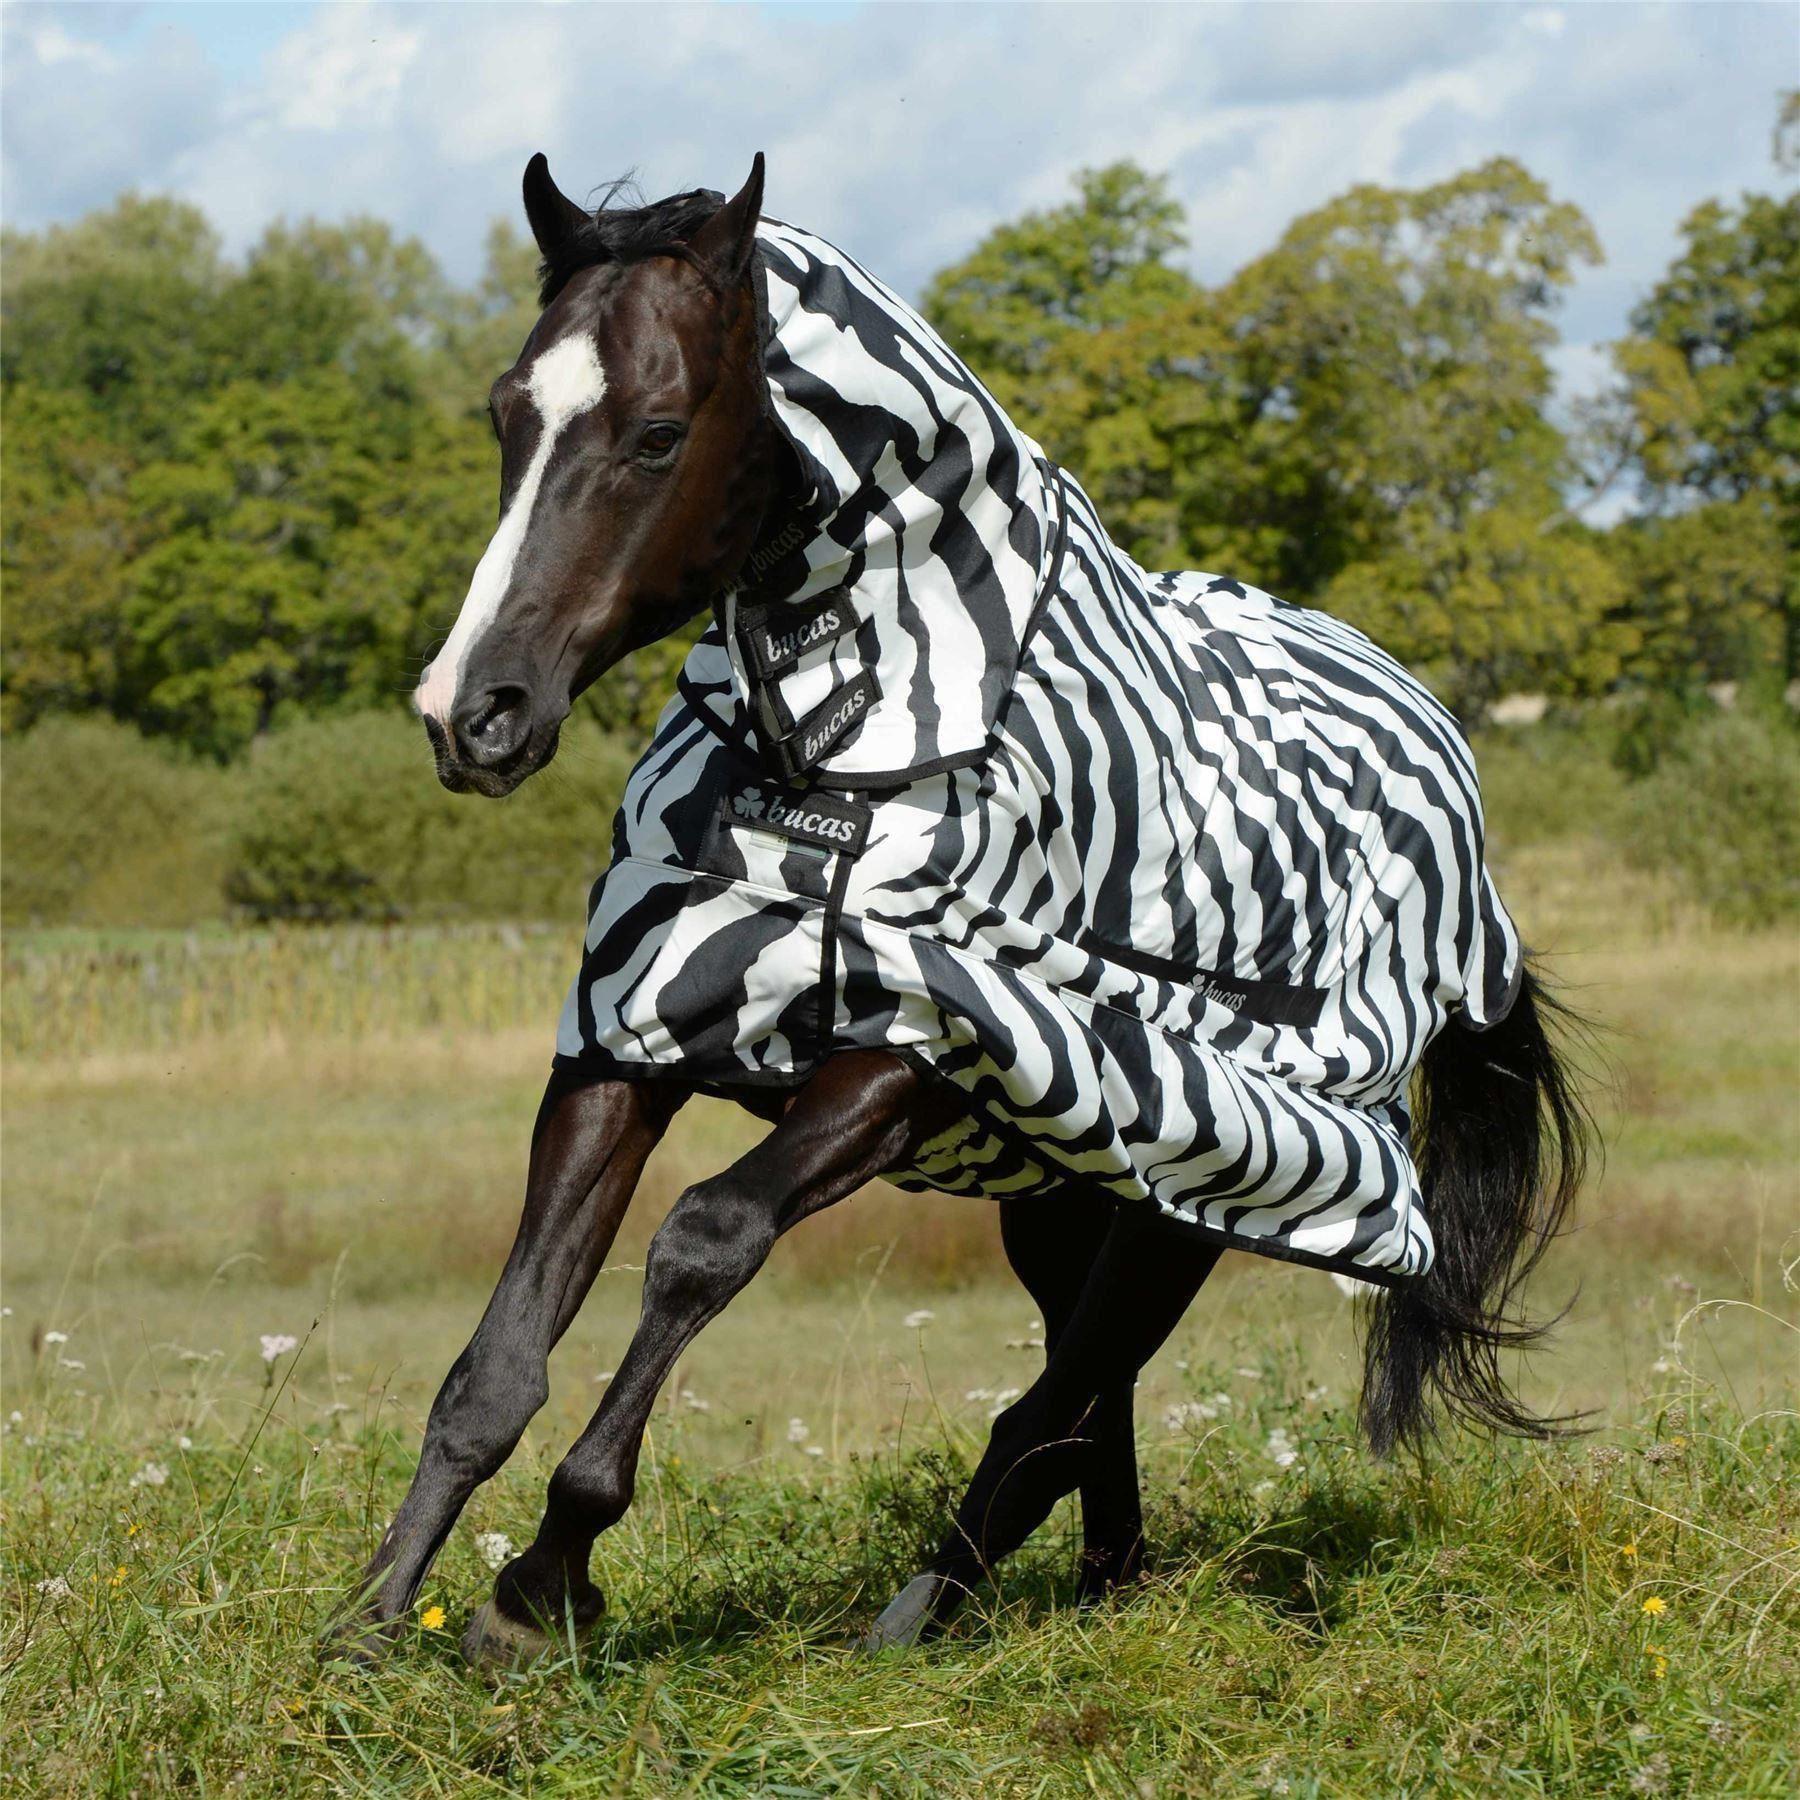 Zebra Fly Rug Uk: Bucas Sweet Itch Fly Rug - Zebra Print